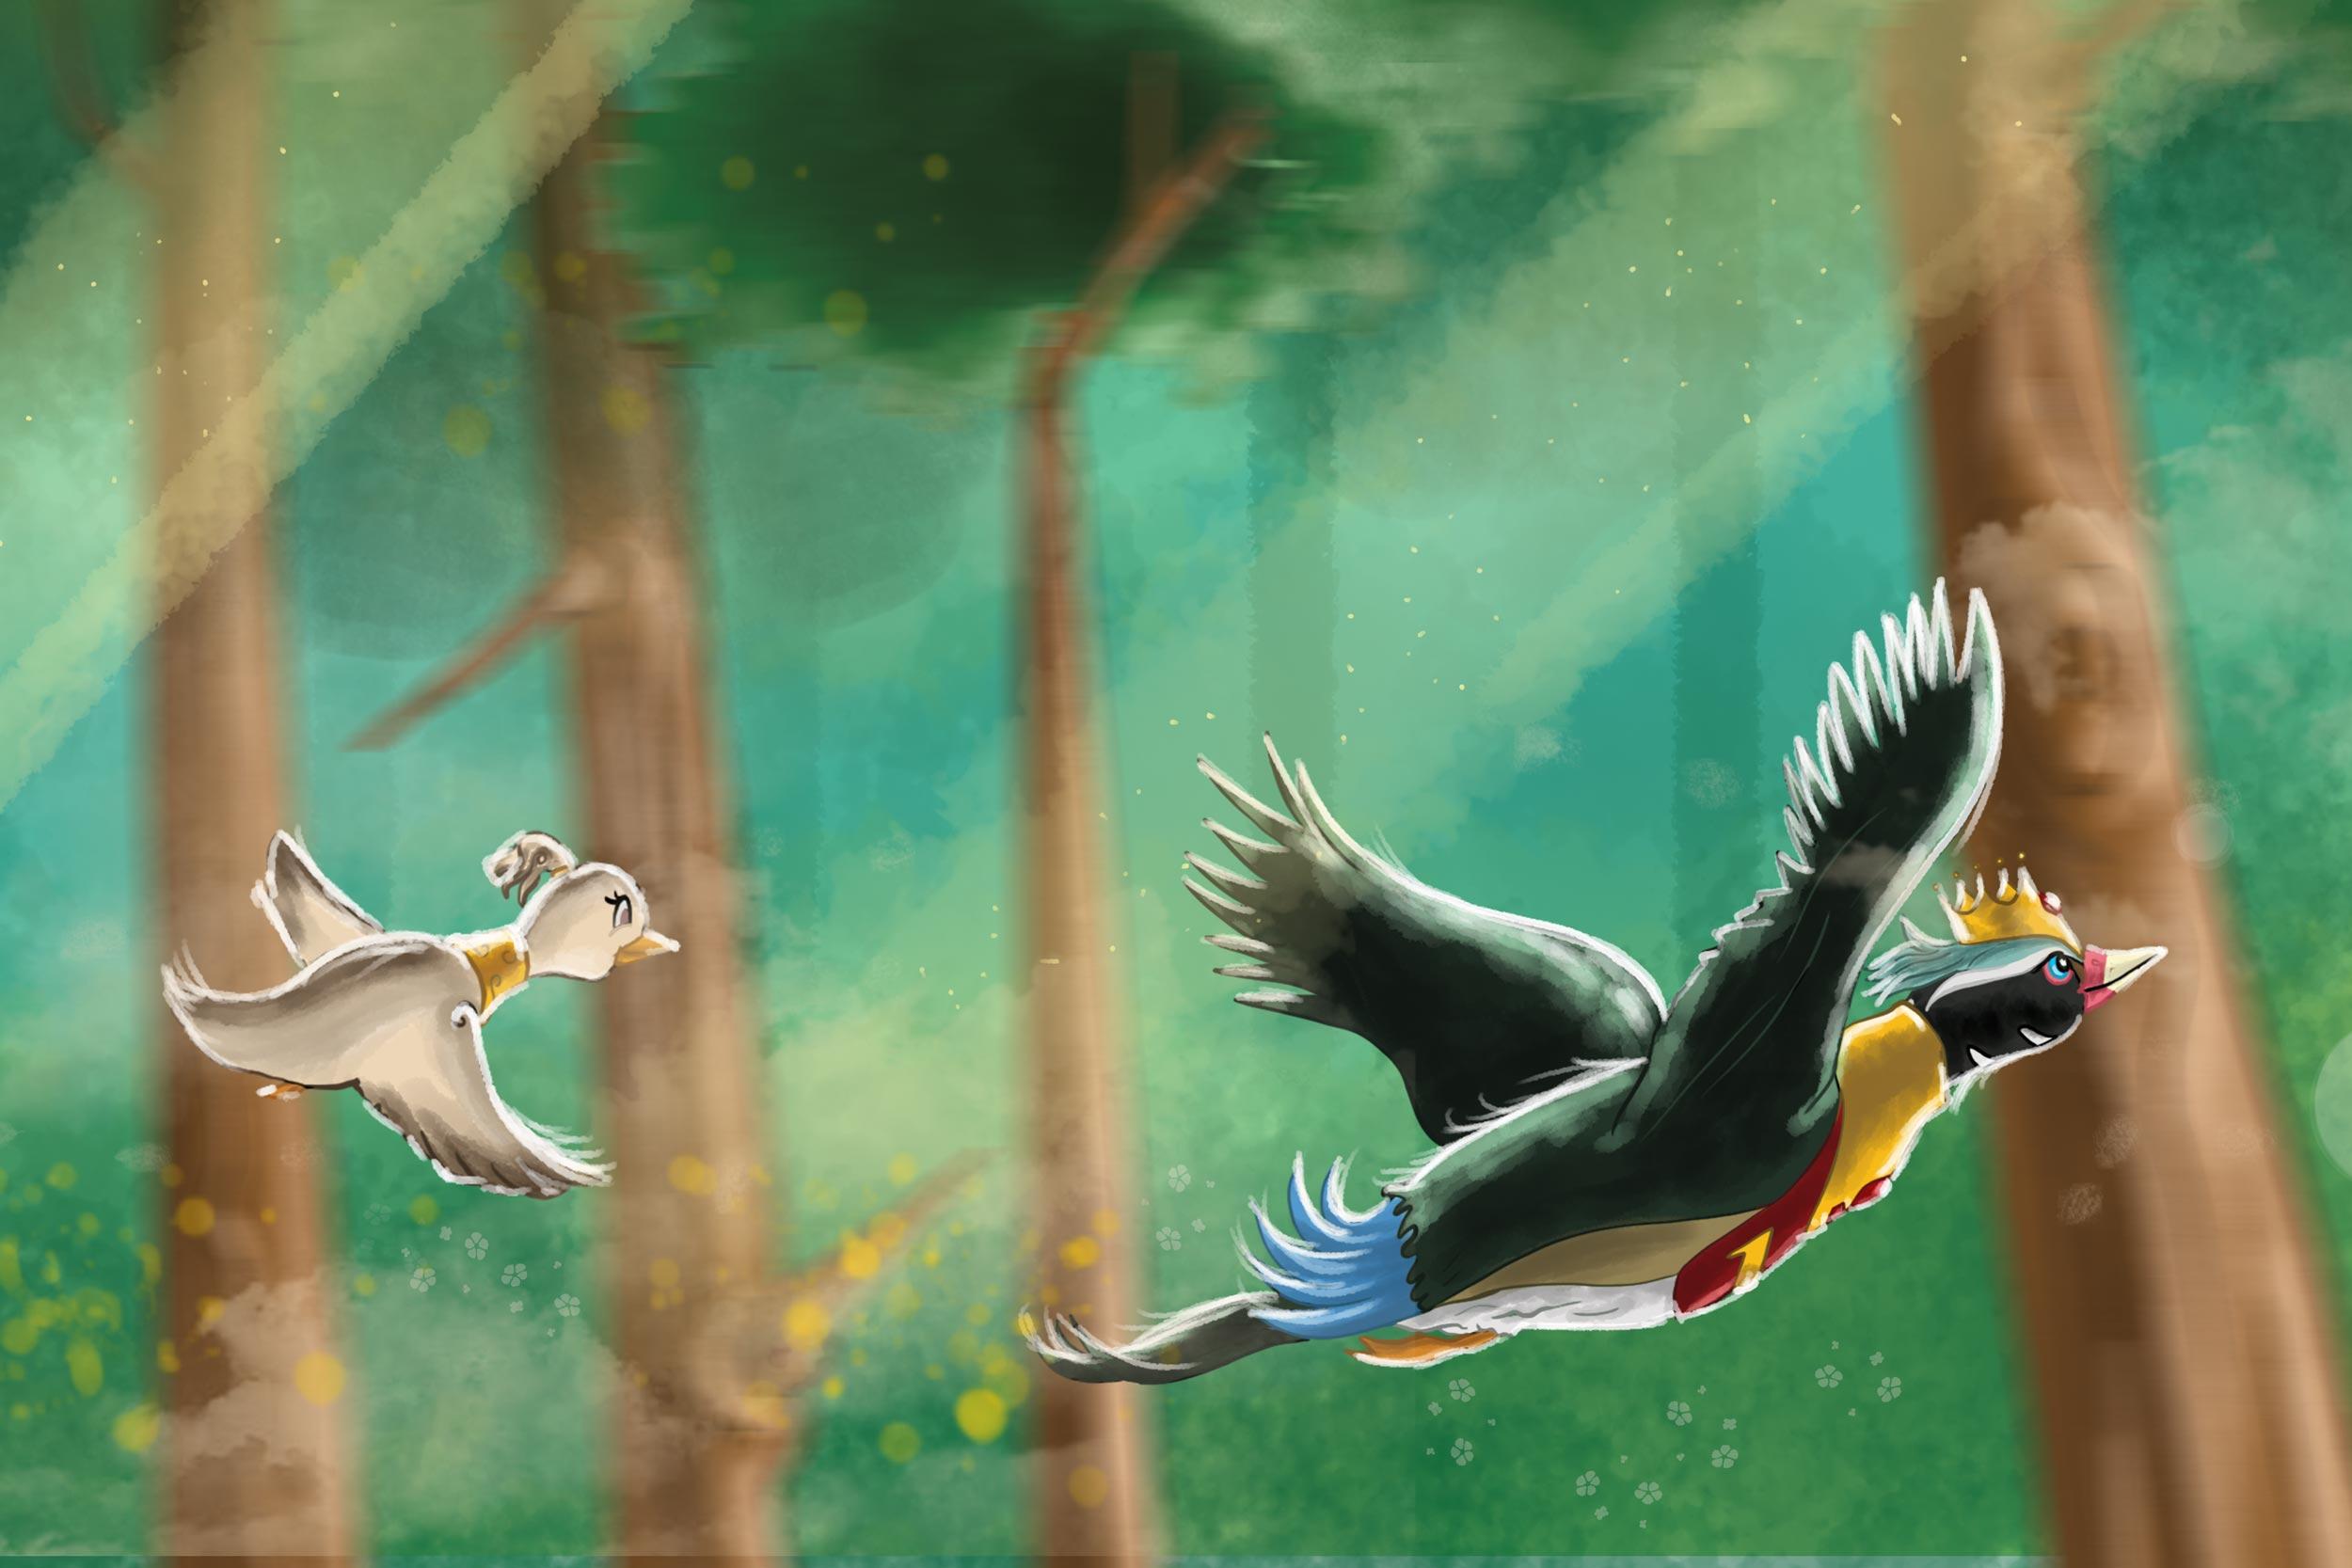 journey-of-puddle-christian-illustrated-children-books-illustration-3.jpg